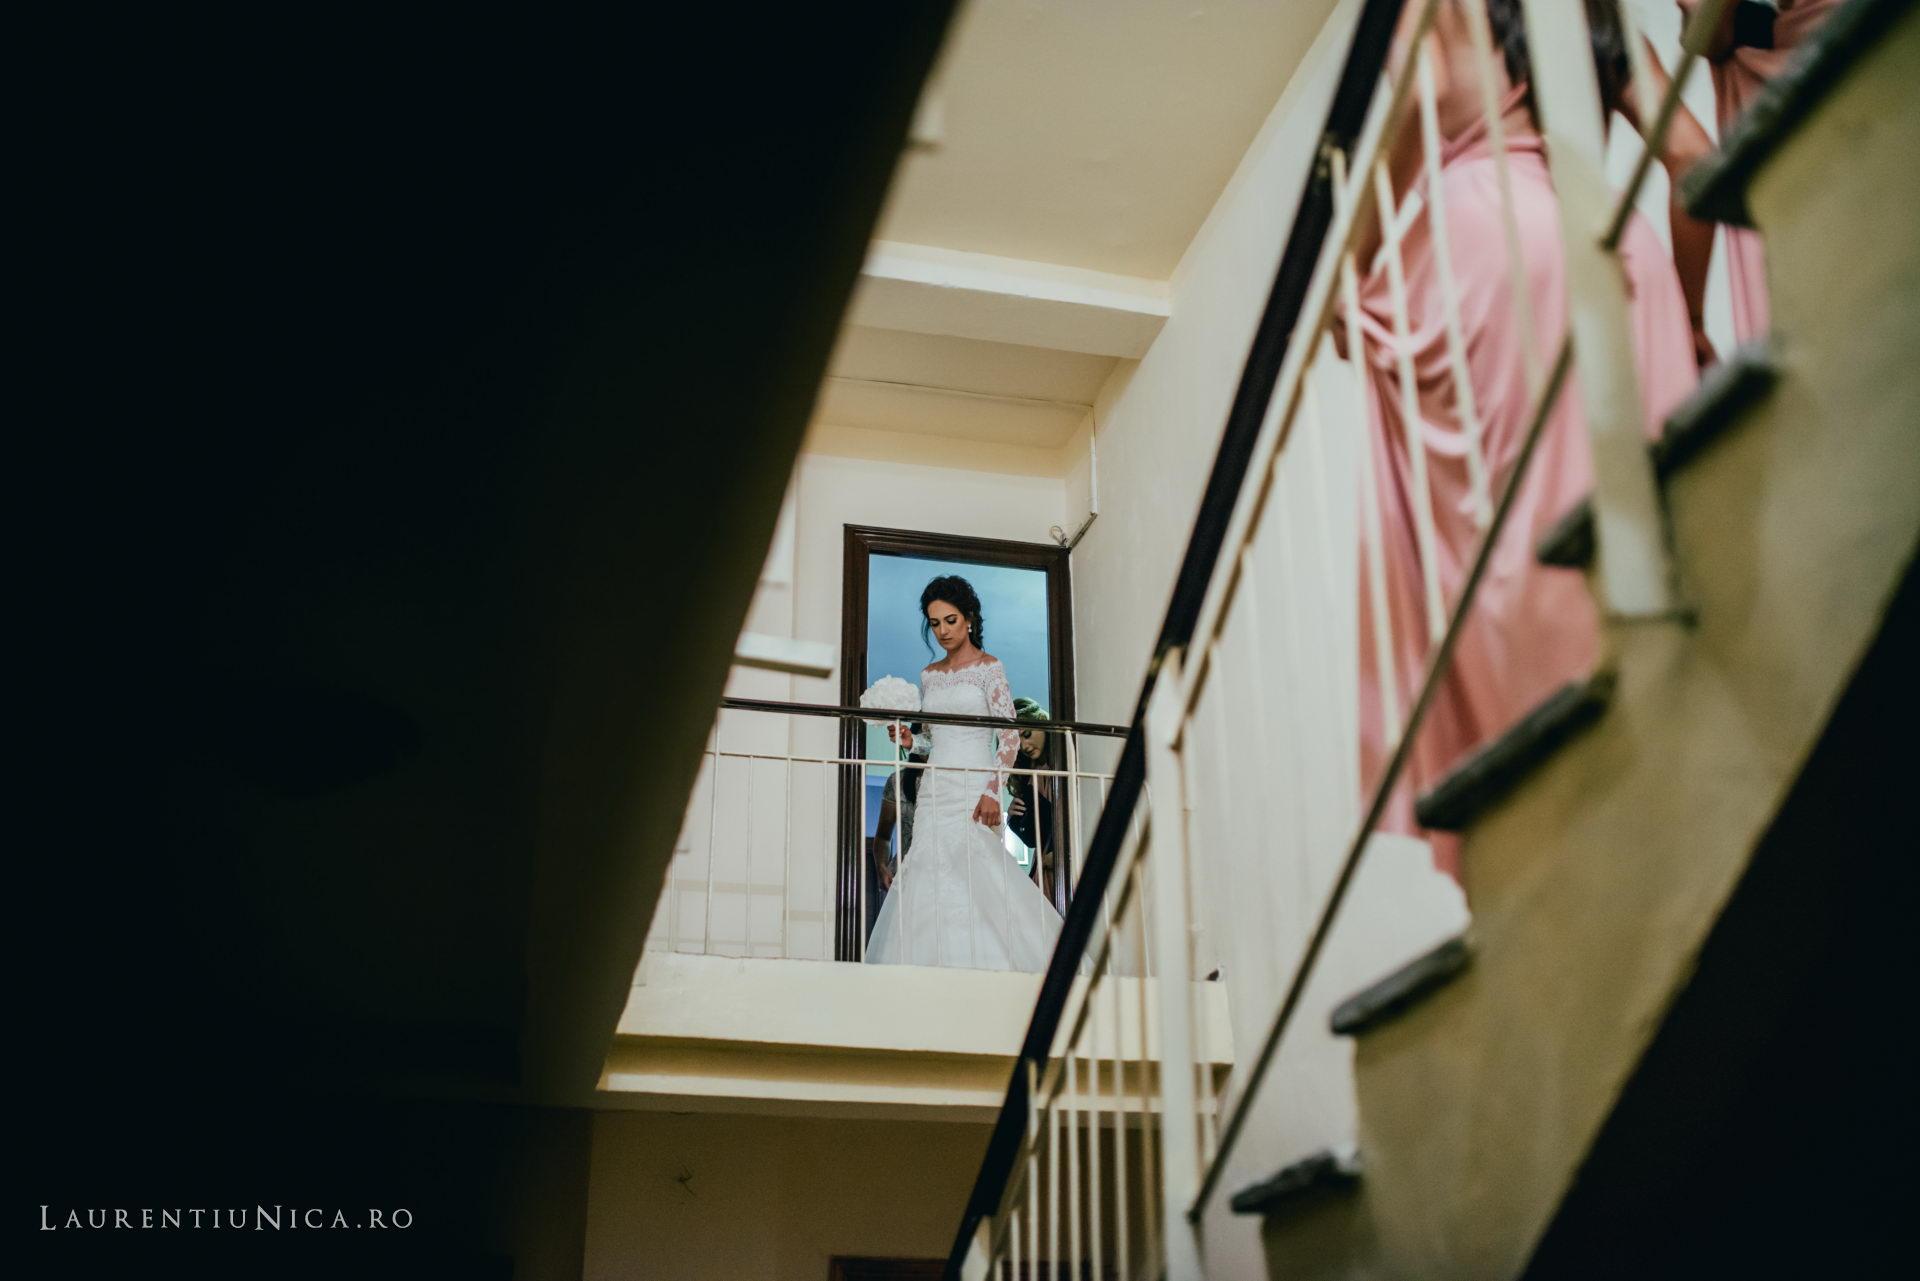 Cristina si Ovidiu nunta Craiova fotograf laurentiu nica 077 - Cristina & Ovidiu | Fotografii nunta | Craiova